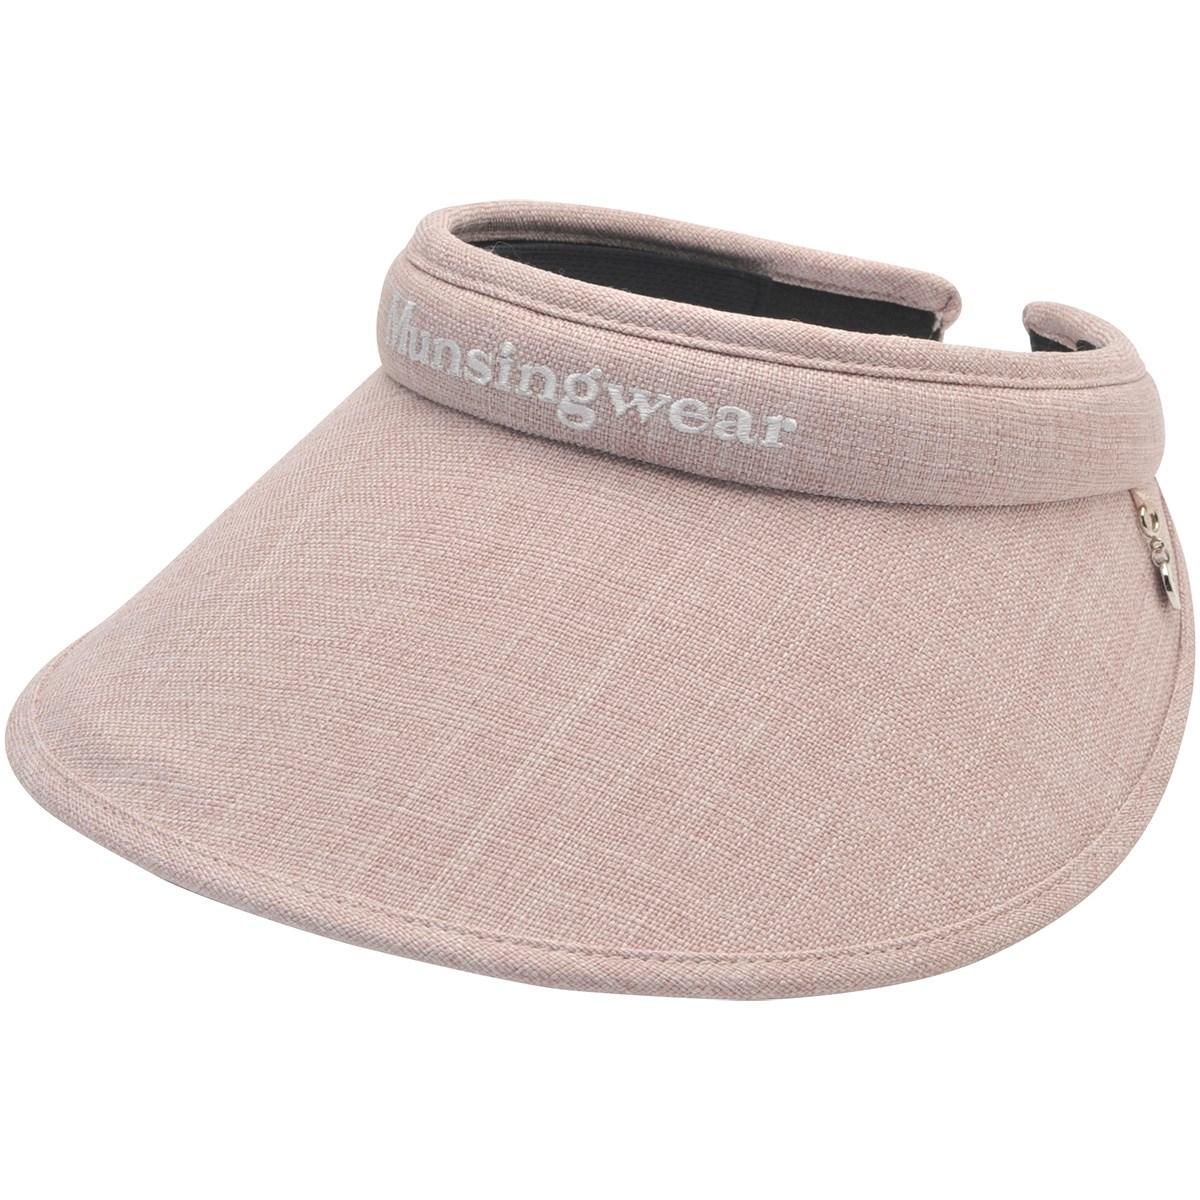 マンシングウェア Munsingwear クリップサンバイザー フリー ピンク 00 レディス